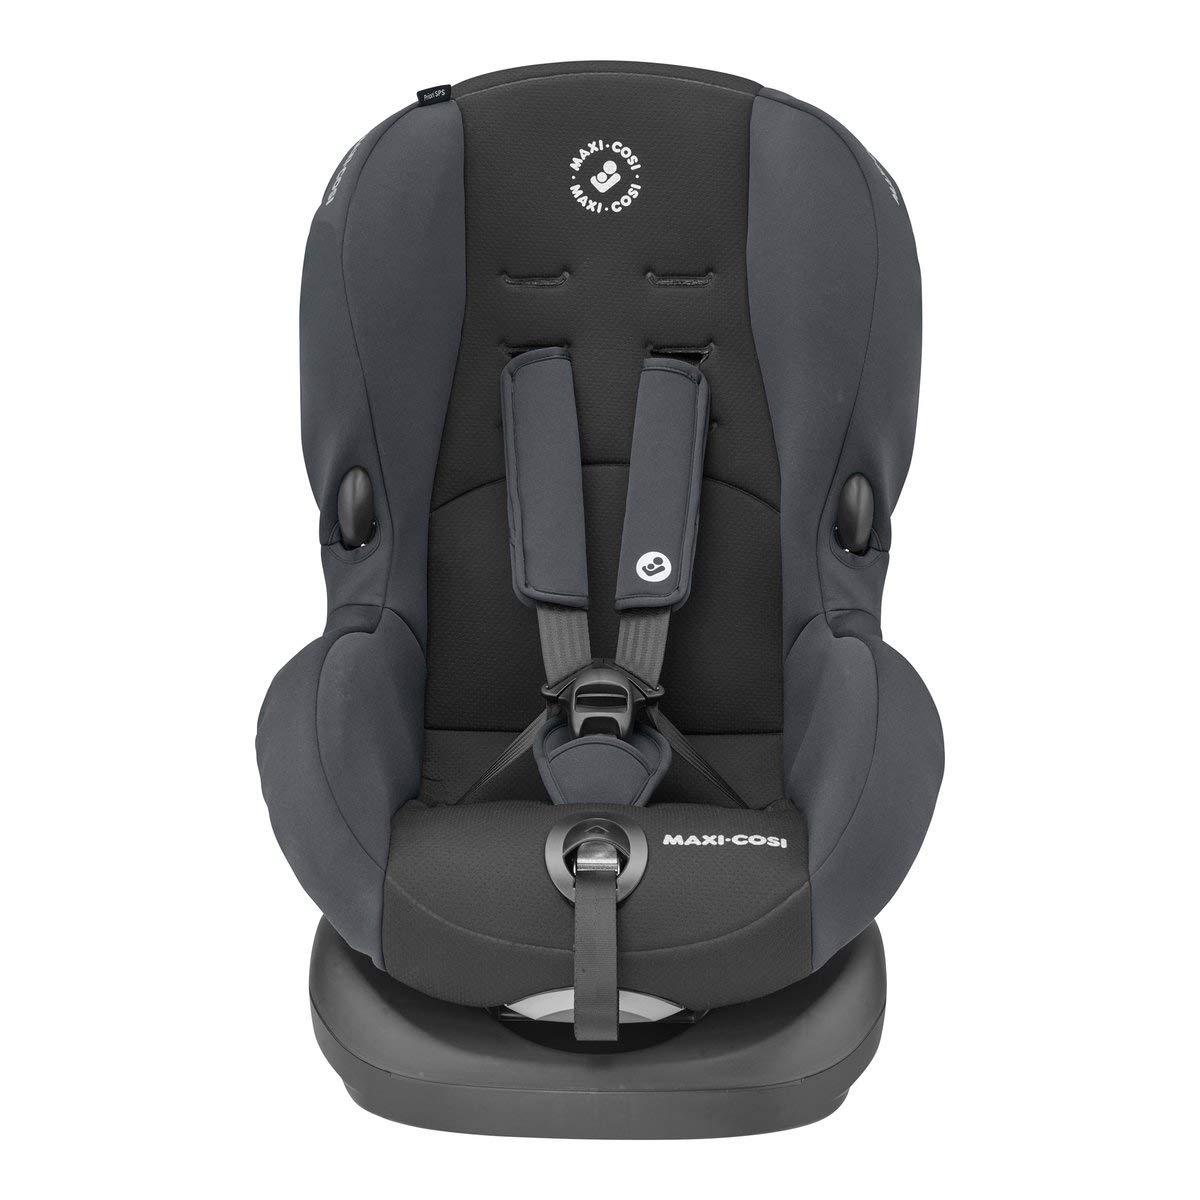 Kindersitz mit optimalen Seitenaufprallschutz und 4 Sitz- und Ruhepositionen Basic Black nutzbar ab 9 Monate bis 4 Jahre Gruppe 1 schwarz Maxi-Cosi Priori SPS 9-18 kg